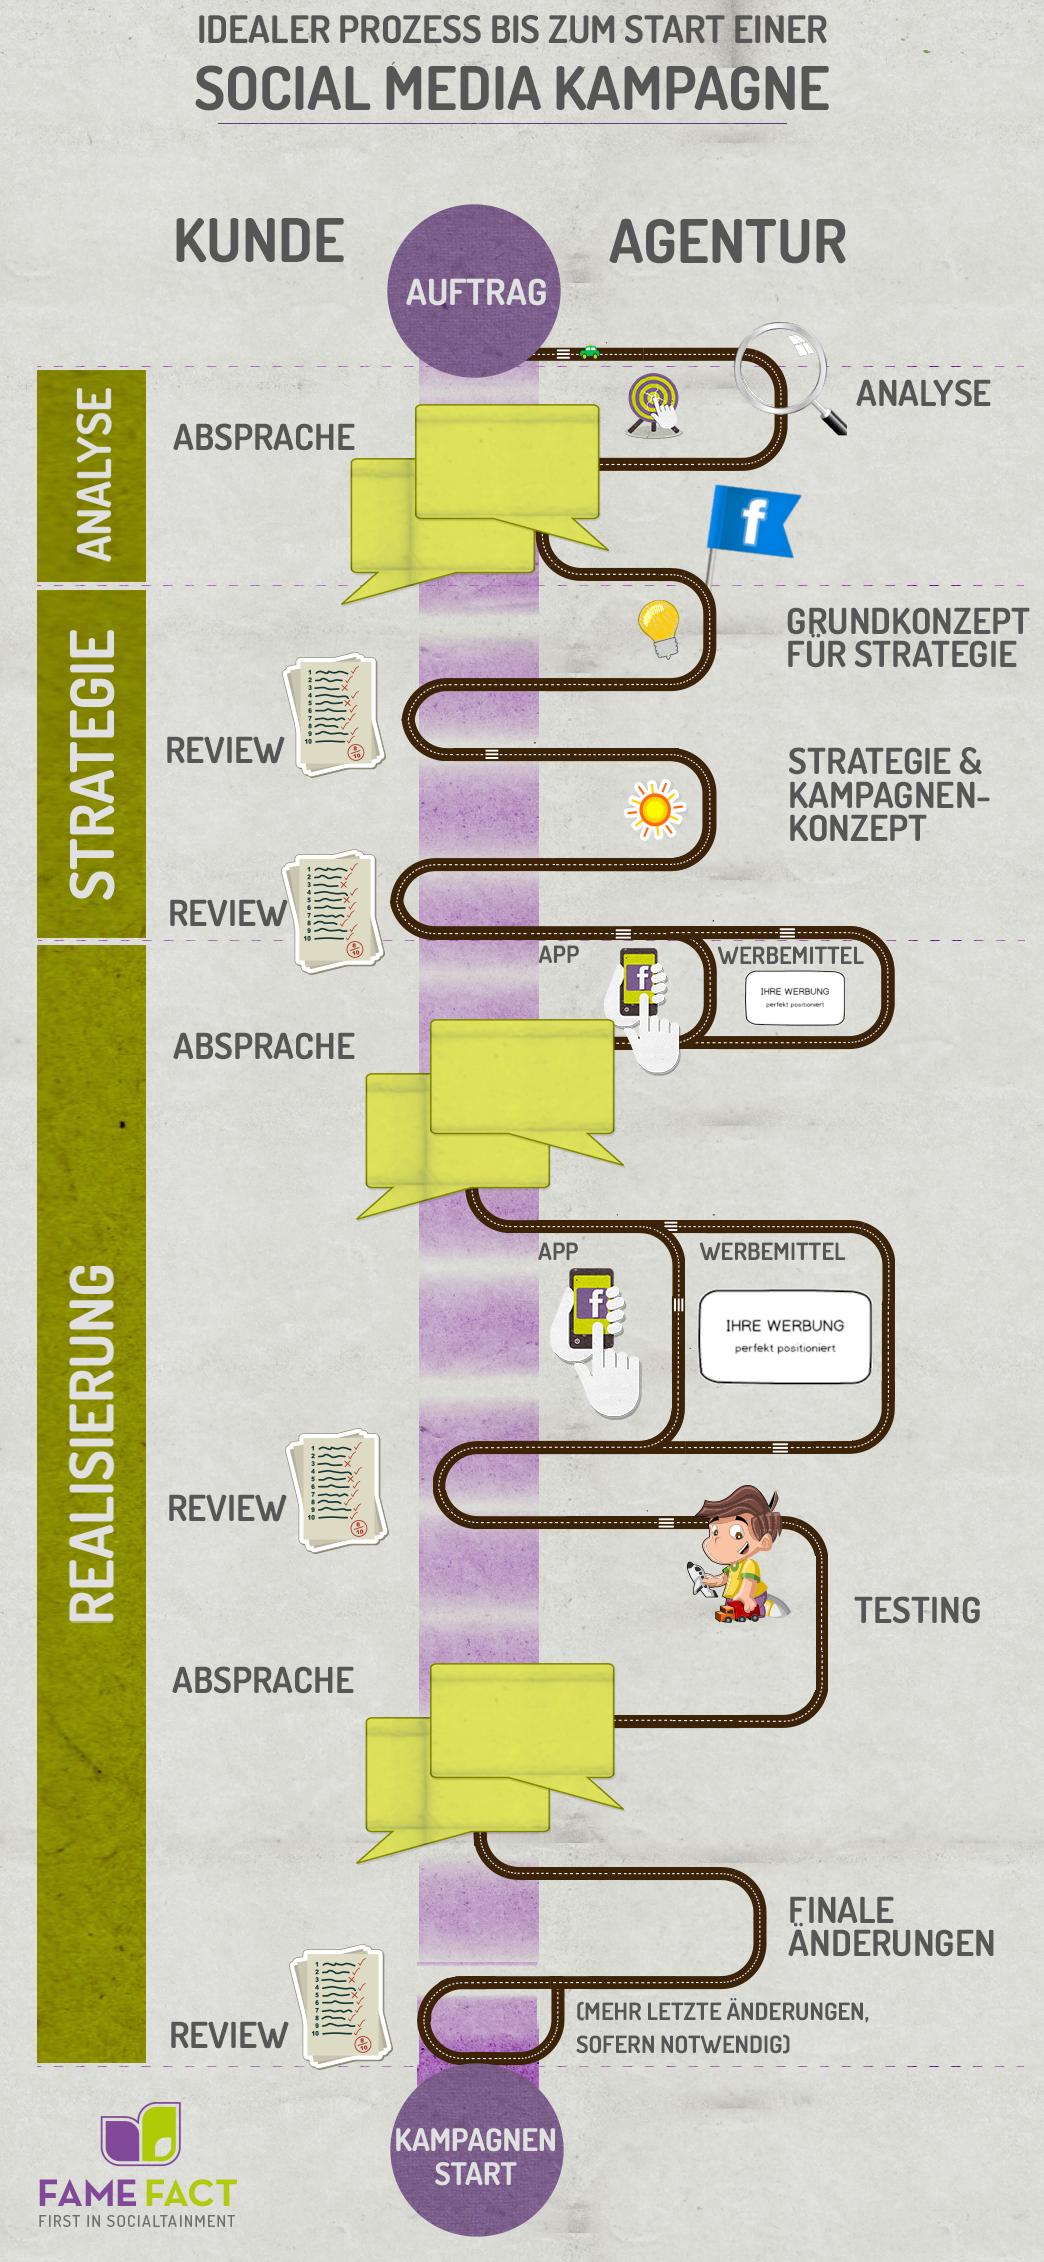 Infografik zum Prozess bis zum Start einer Social Media ...